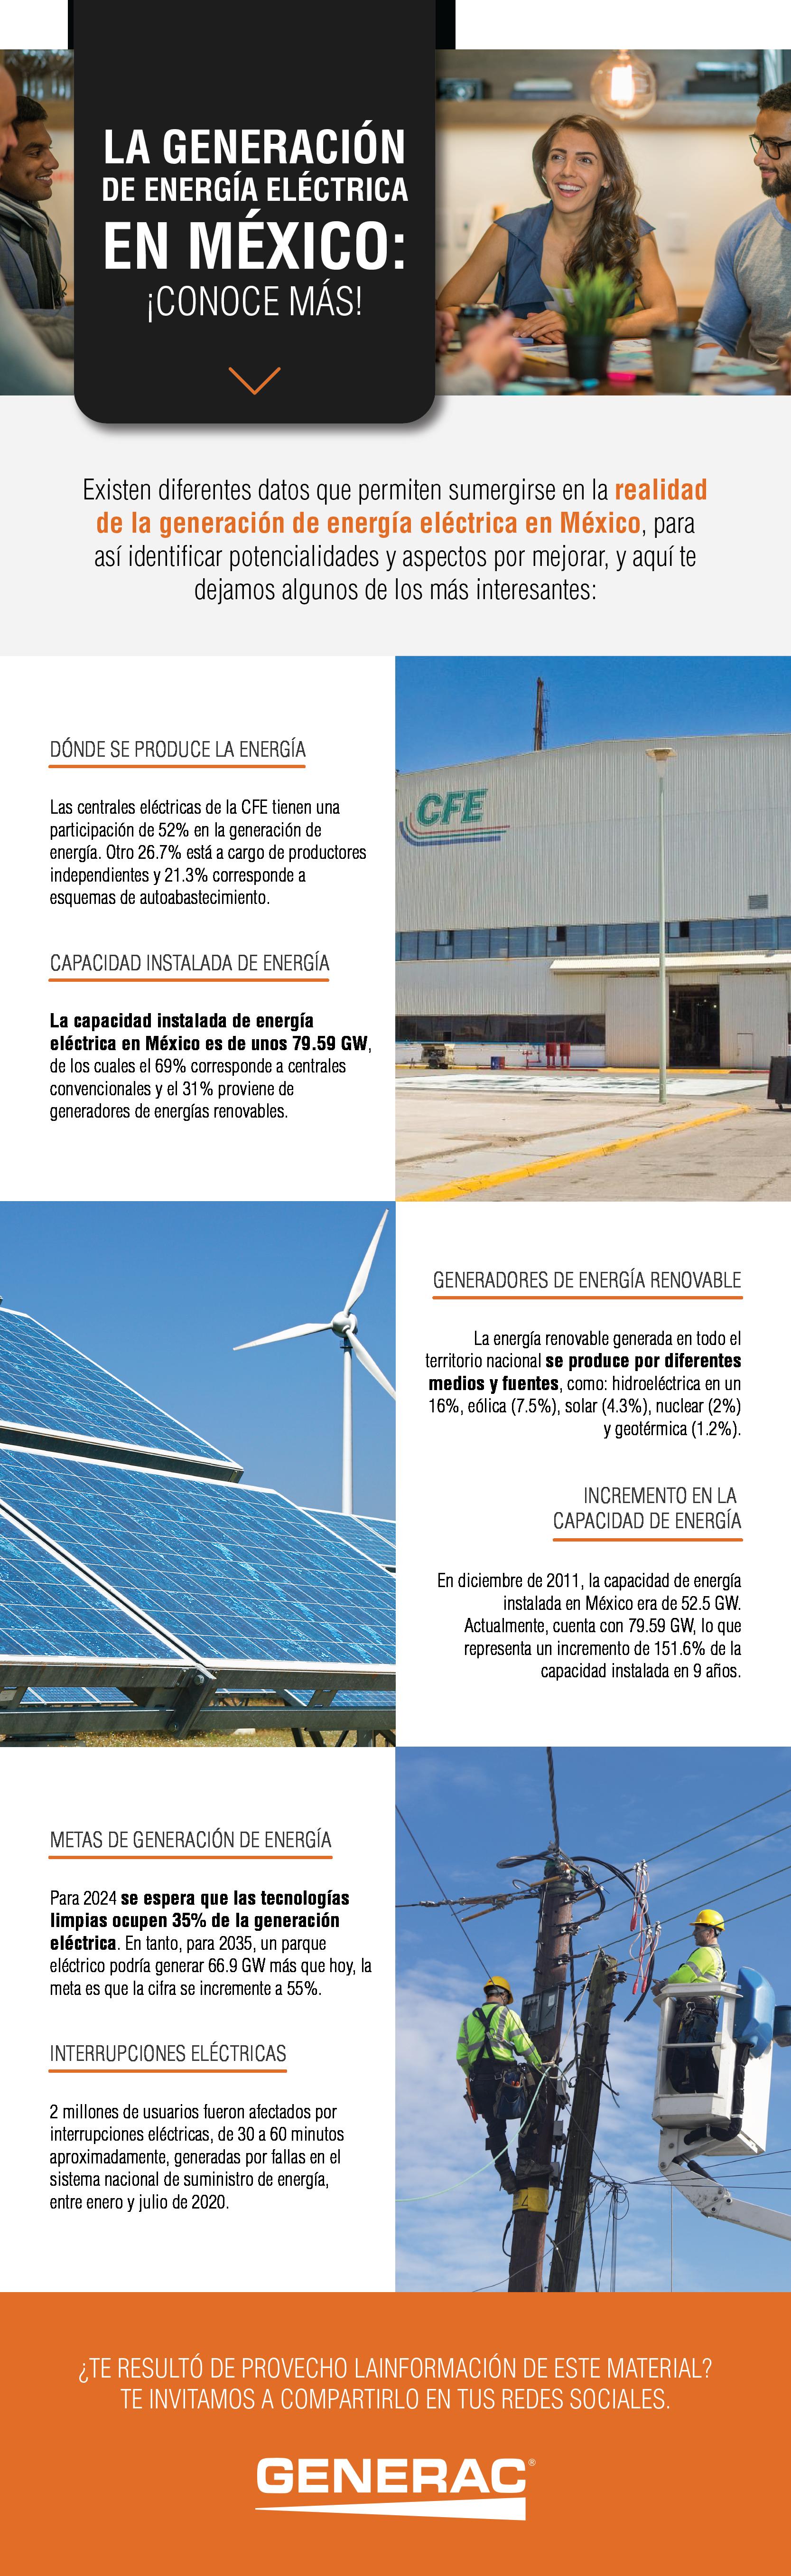 La generación de energía eléctrica en México-01-1